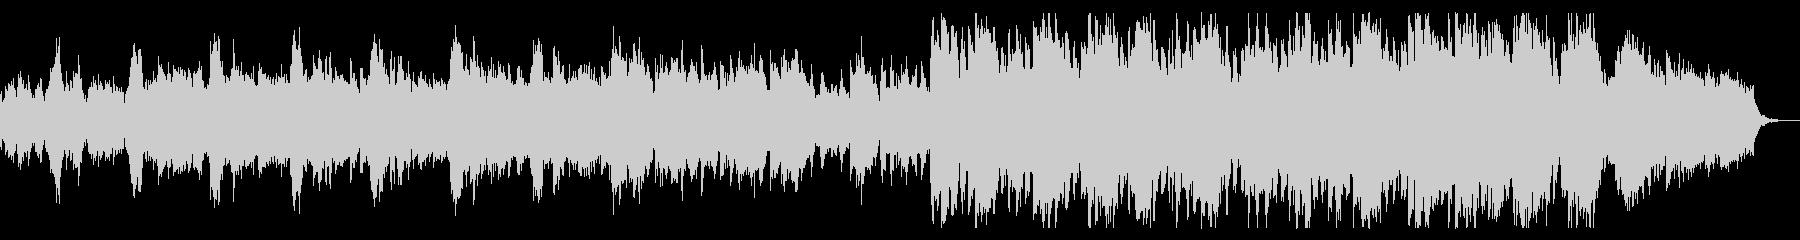 オーケストラ風味の村の楽曲の未再生の波形